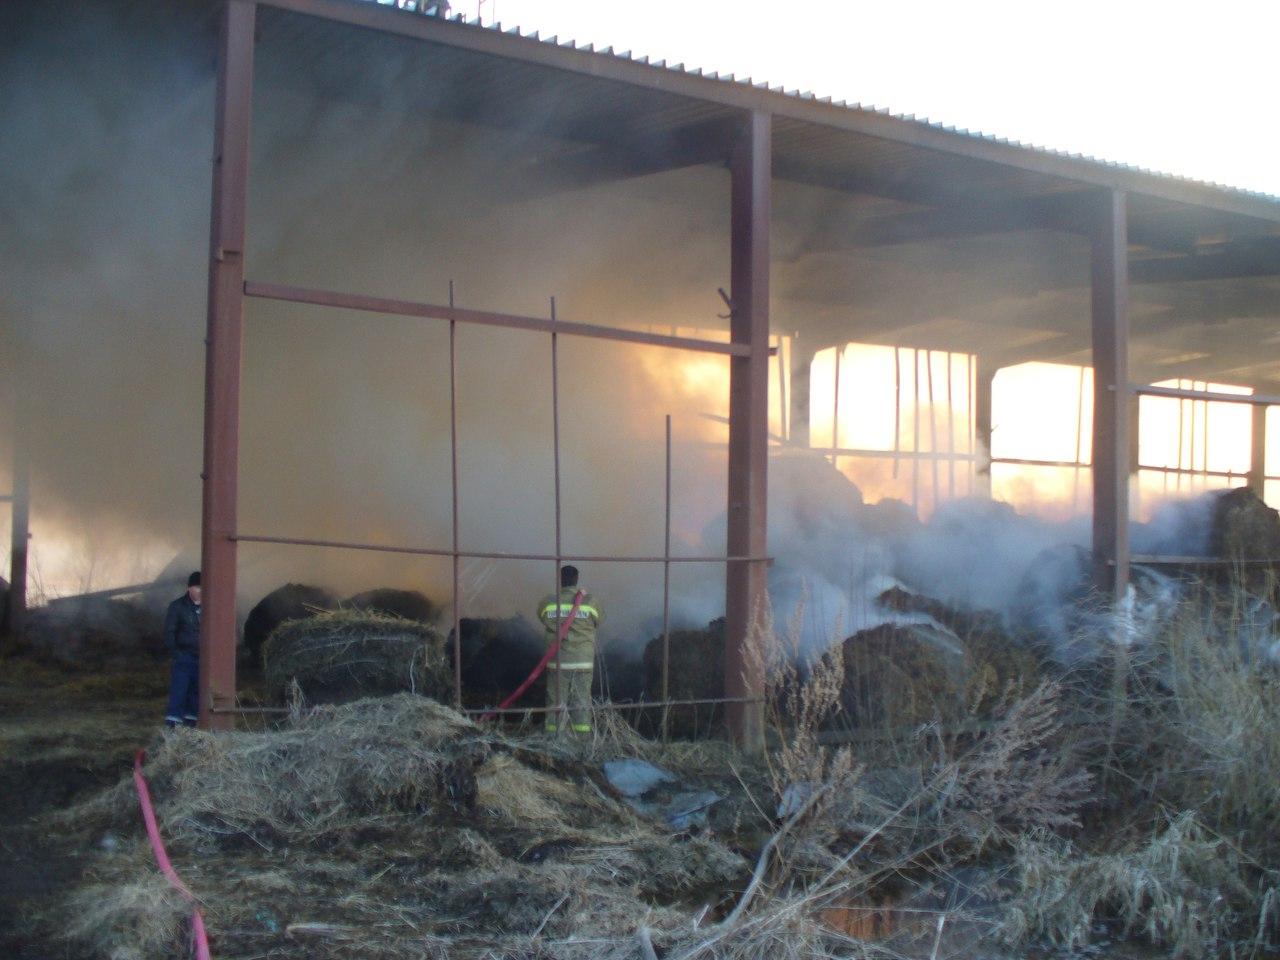 В Вологодском районе из-за детской шалости сгорело более 30 тонн сена